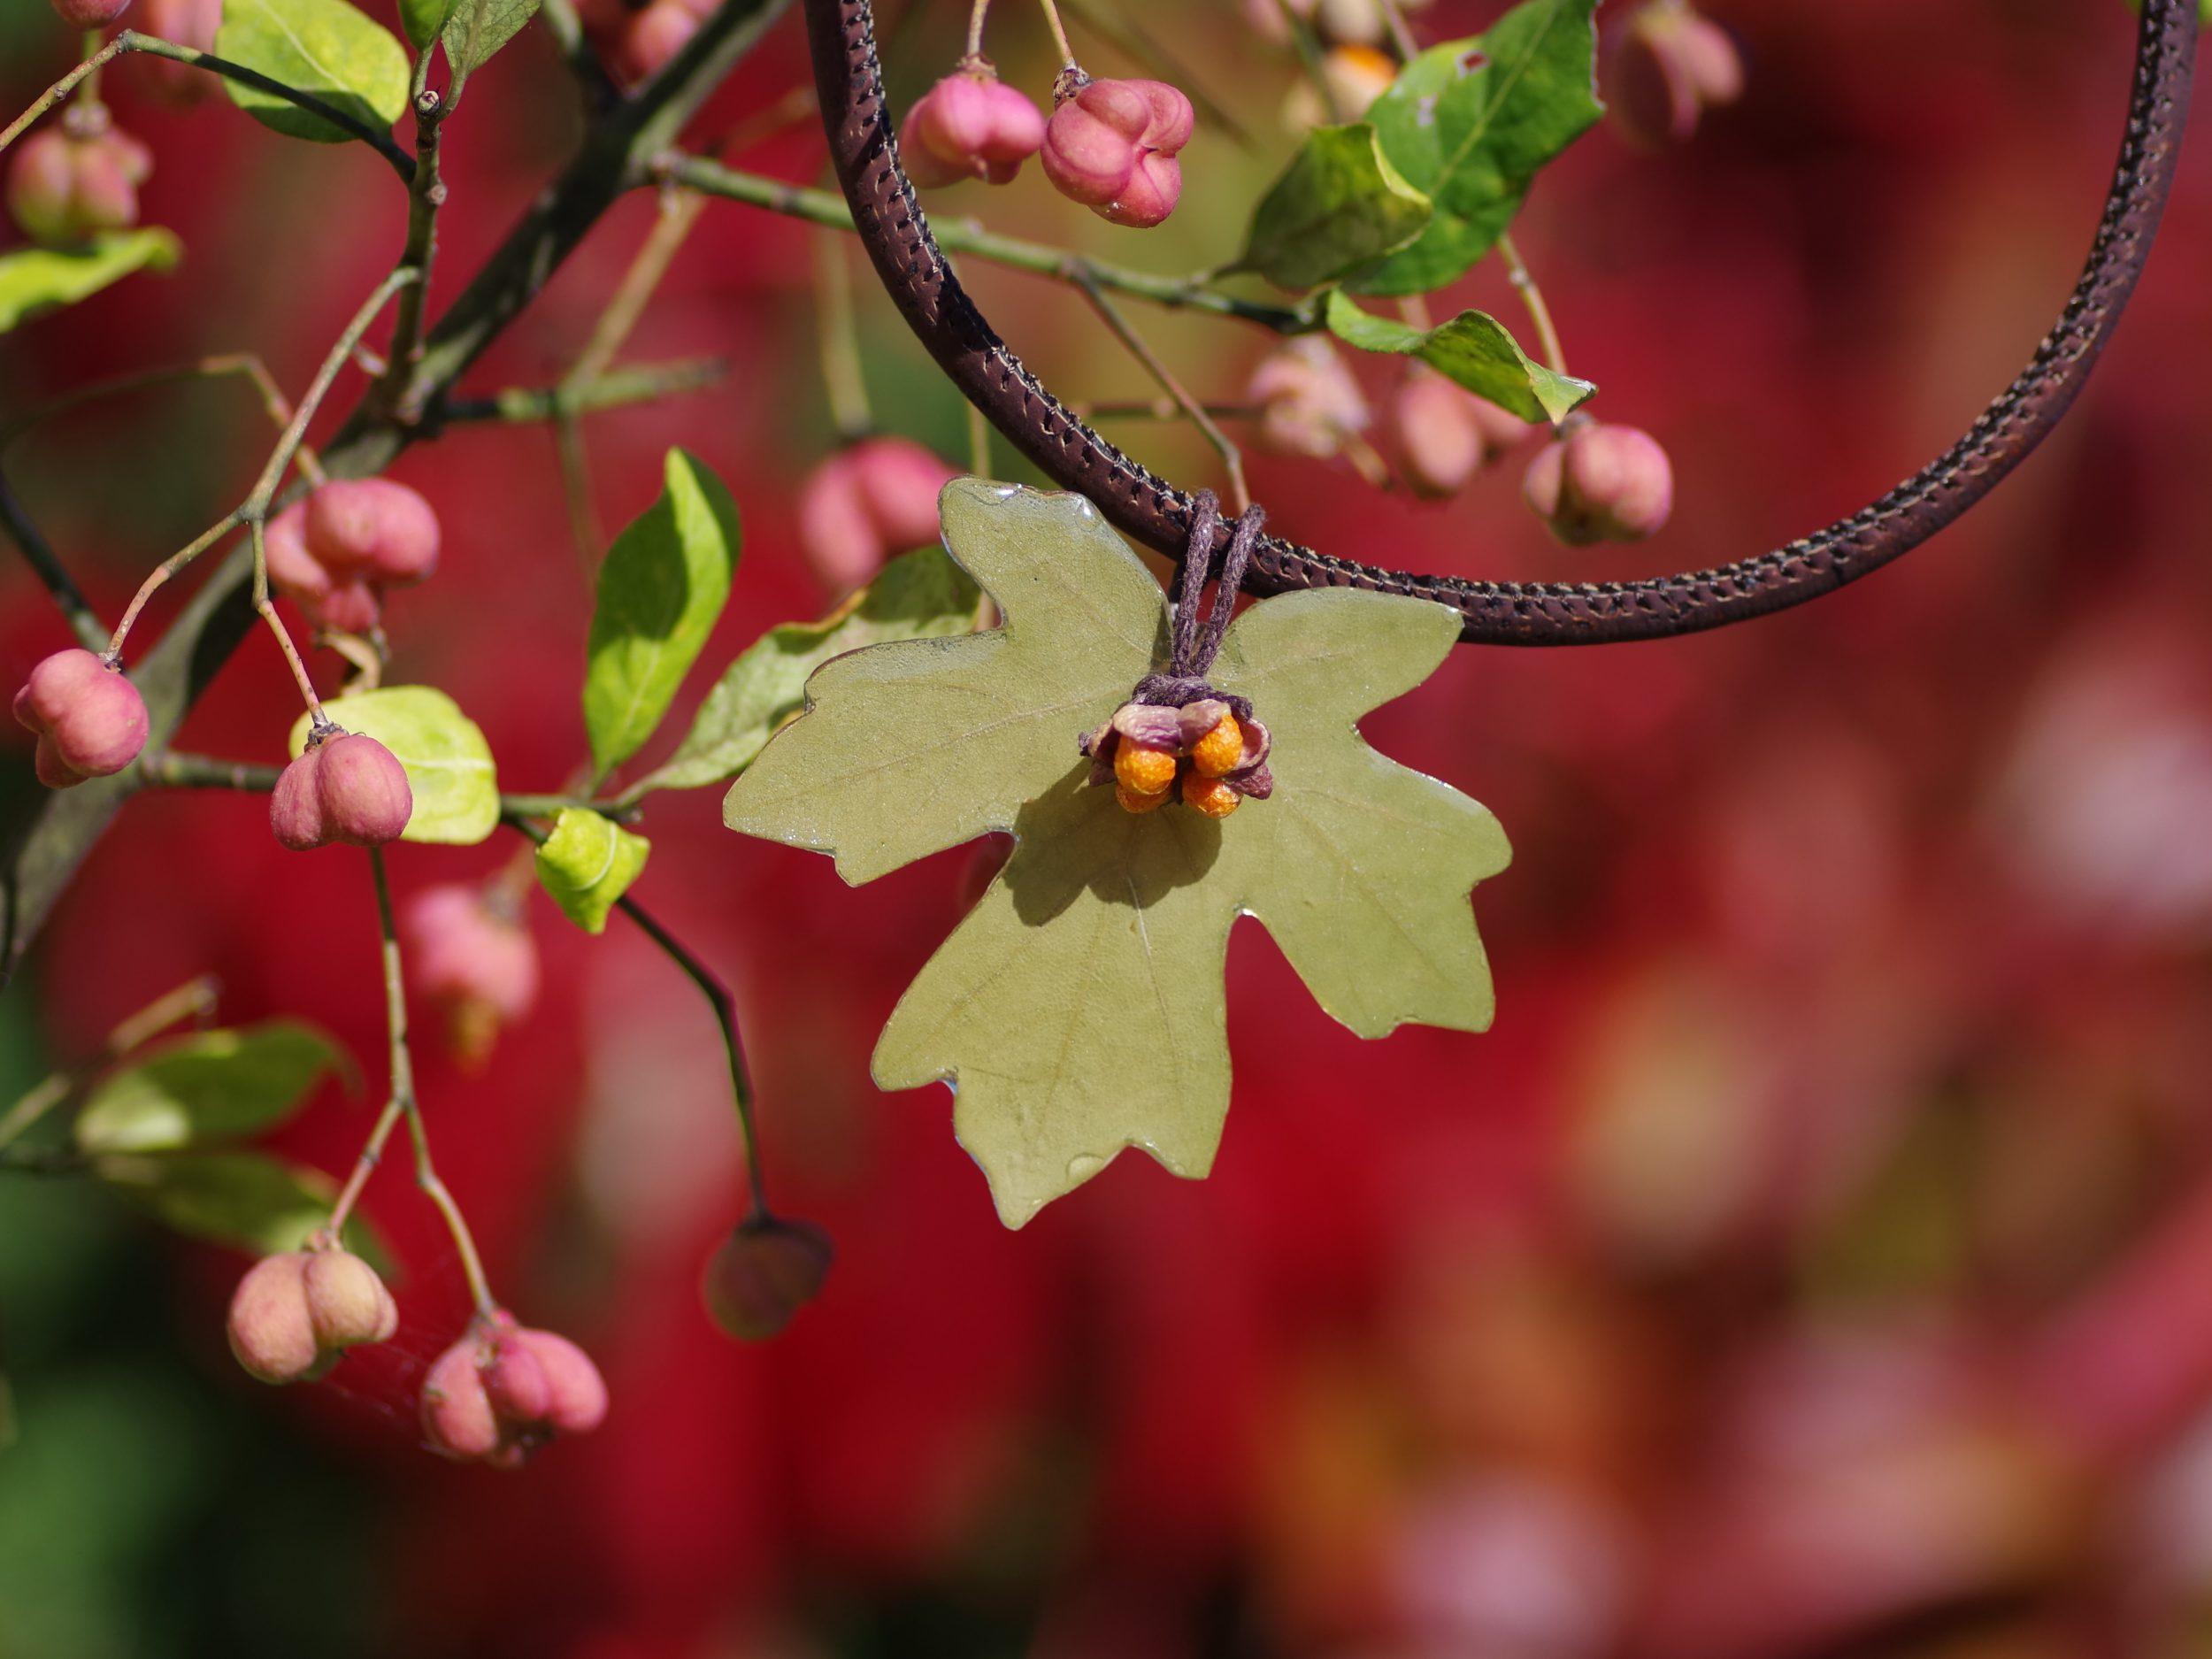 collier liège avec double pendentif feuille d'érable vert et fruit de fusain orange